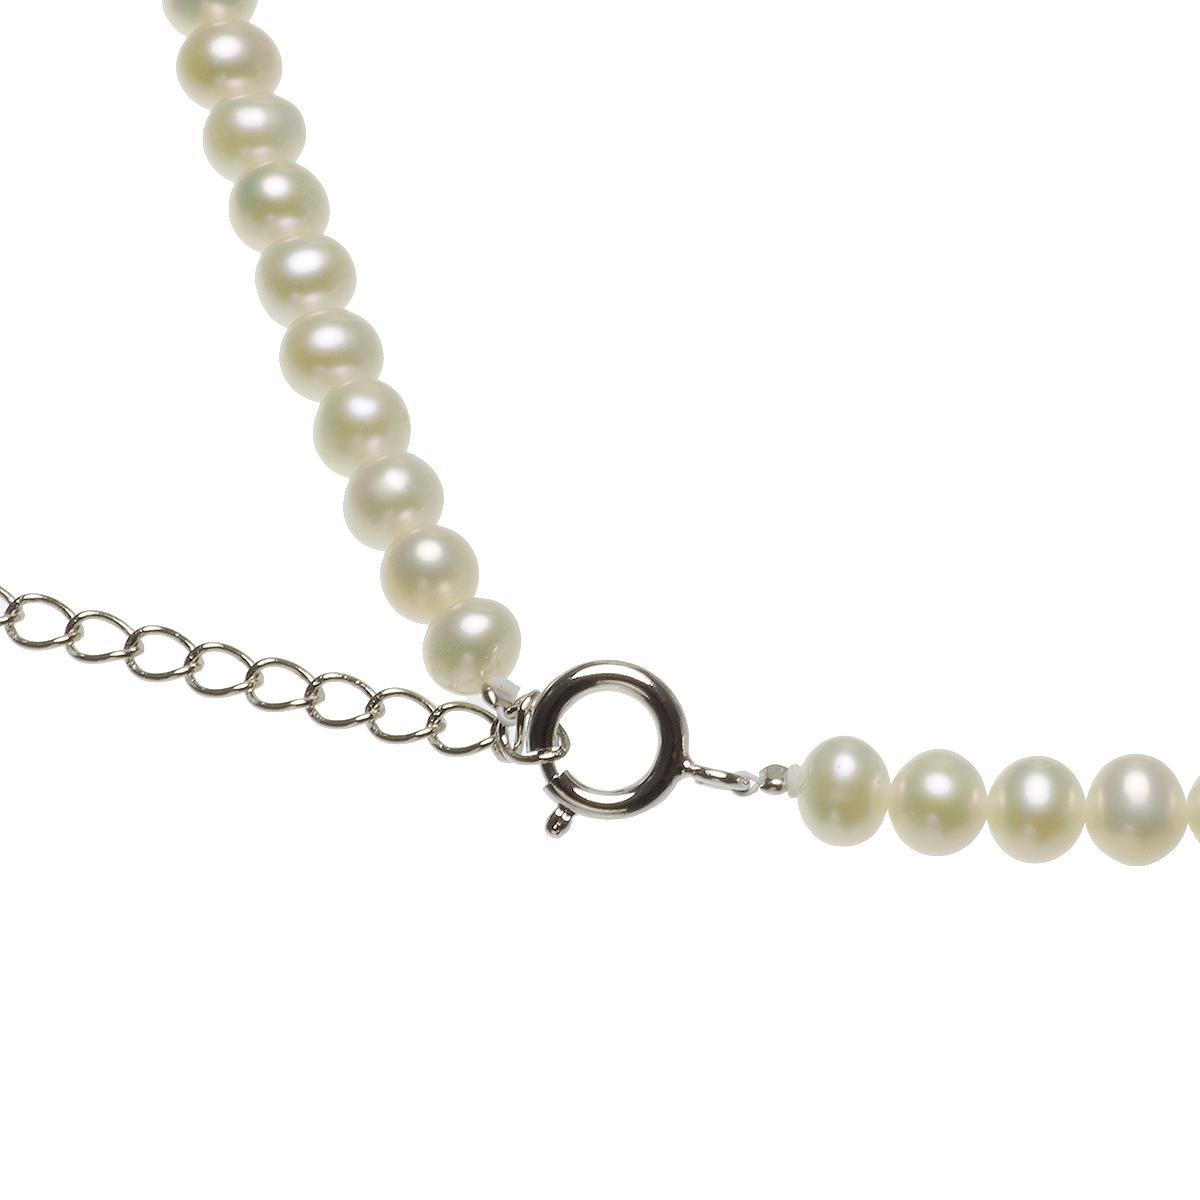 黒蝶シェル 淡水真珠 ネックレスの写真